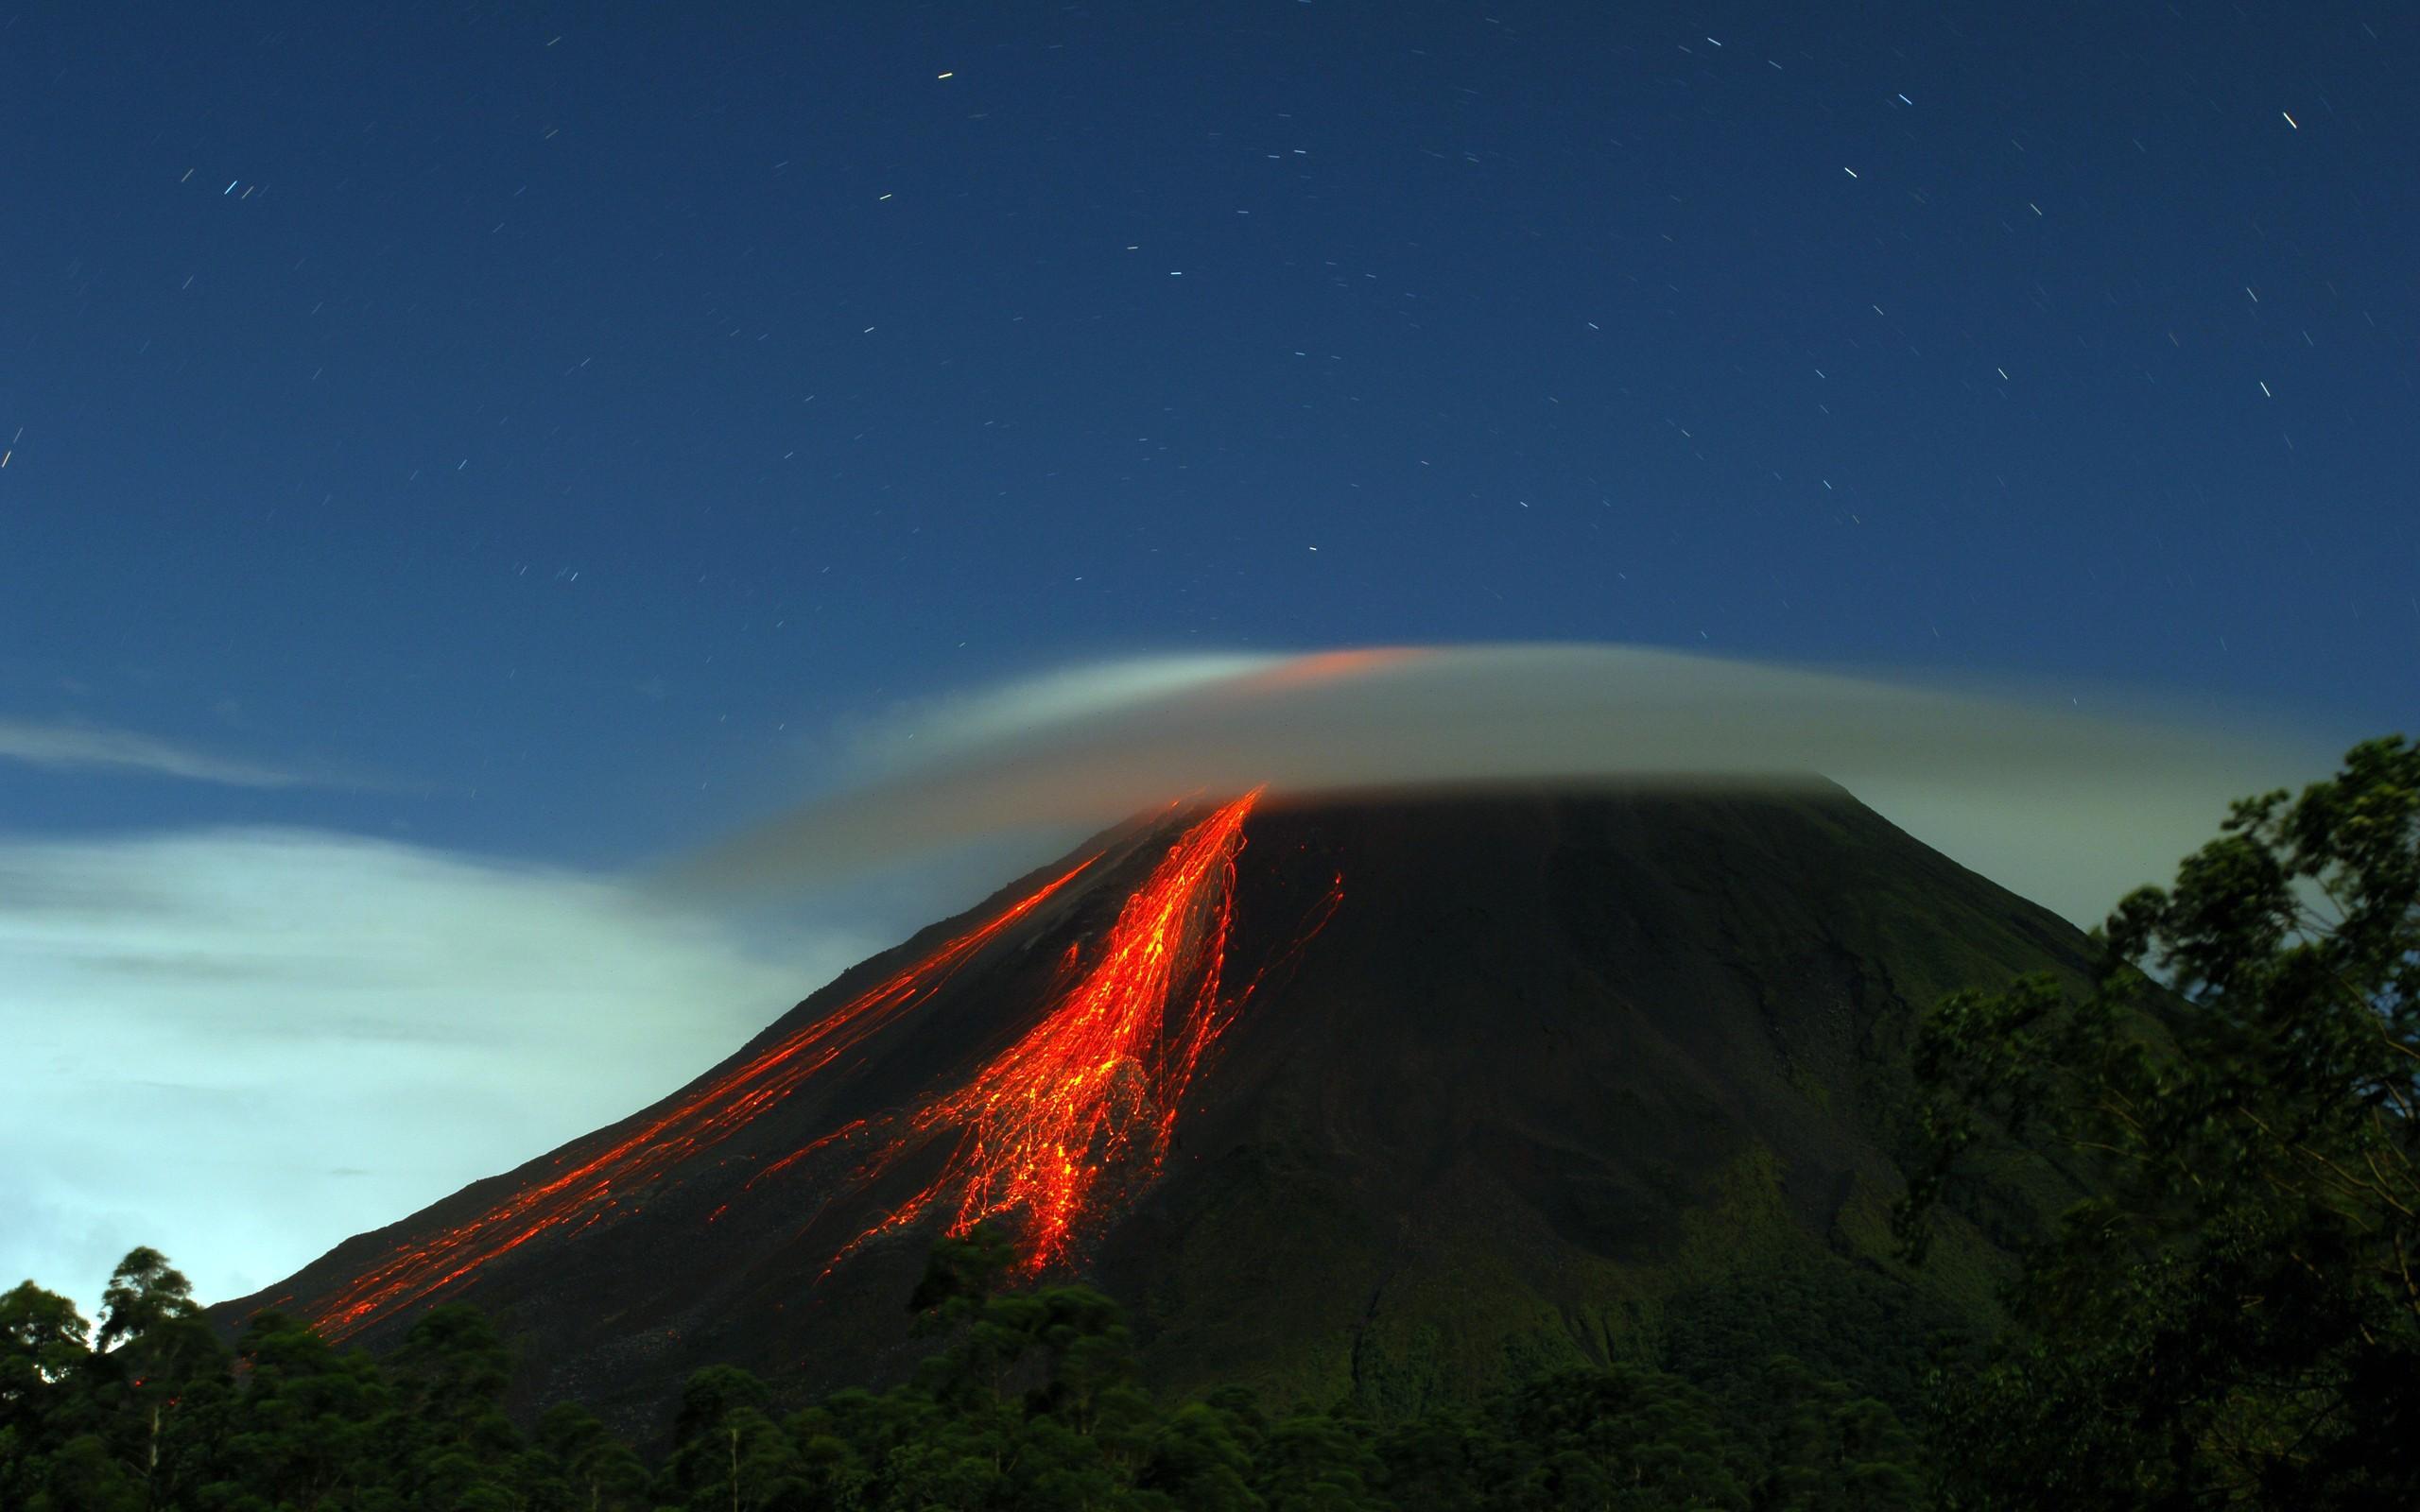 Volcanic Eruptions Landscape Wallpaper Photos 5143 Wallpaper High 2560x1600